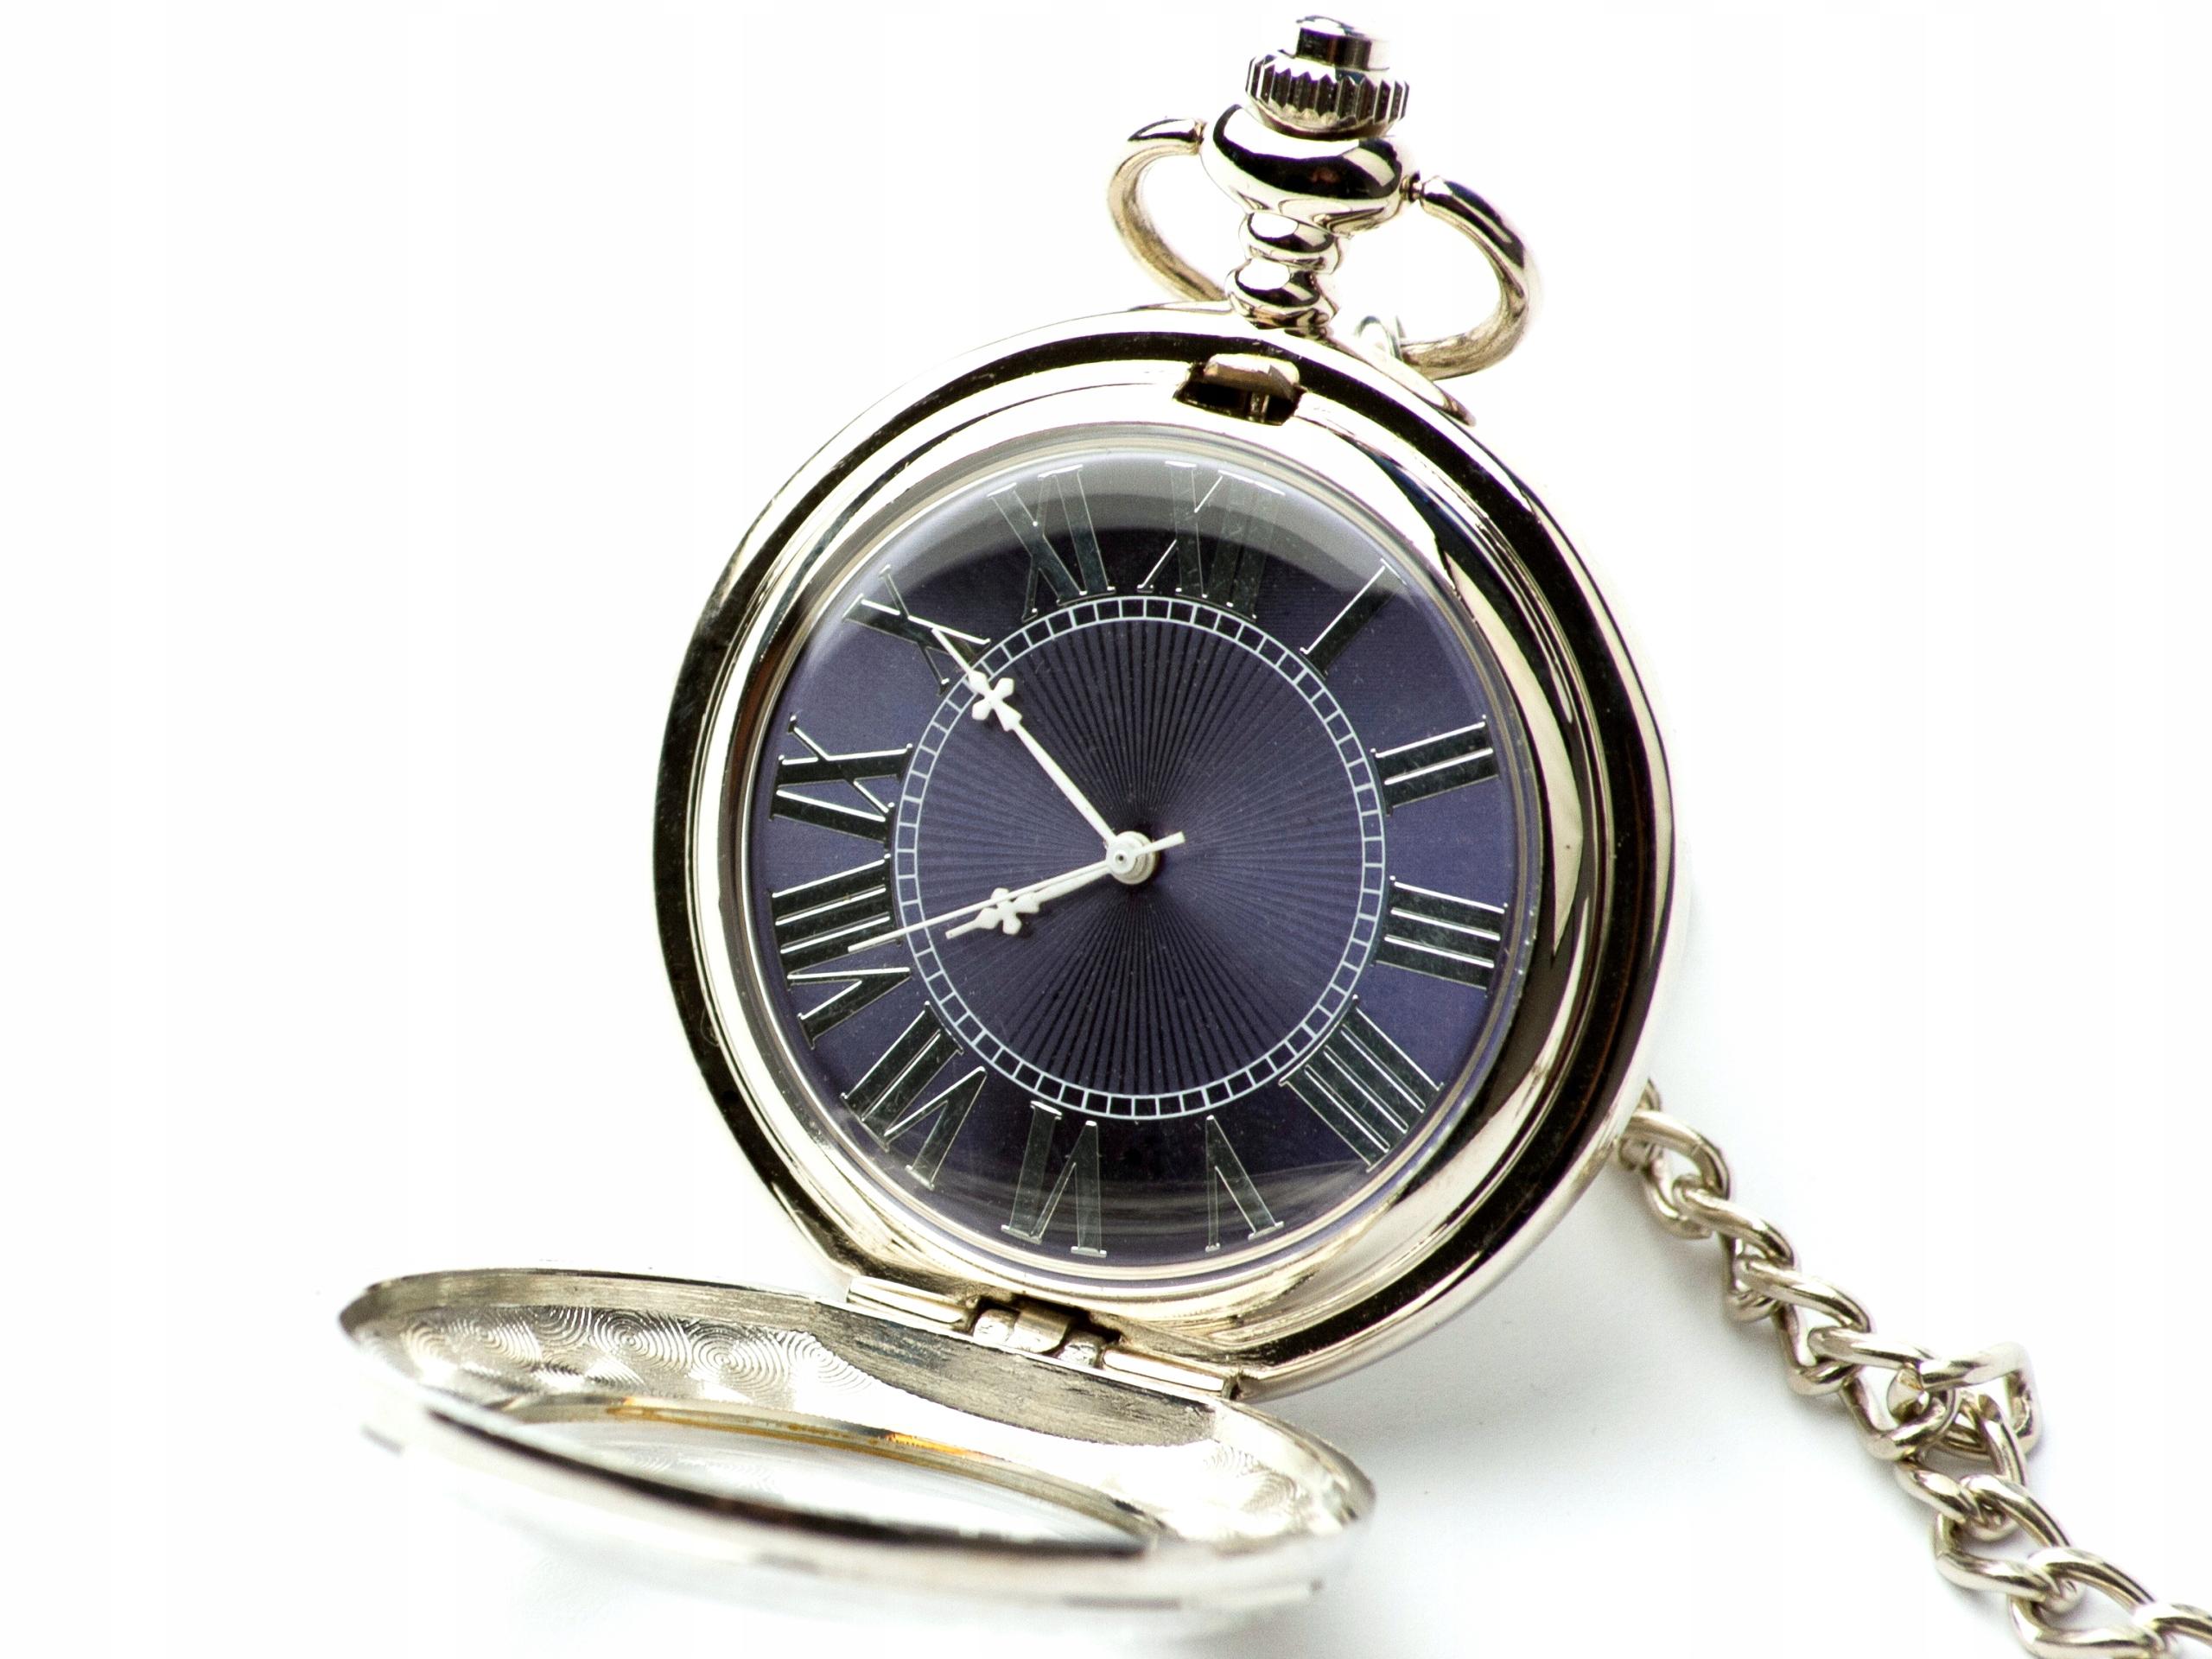 Zegarek kieszonkowy na łańcuszku dewizka JAKOŚĆ